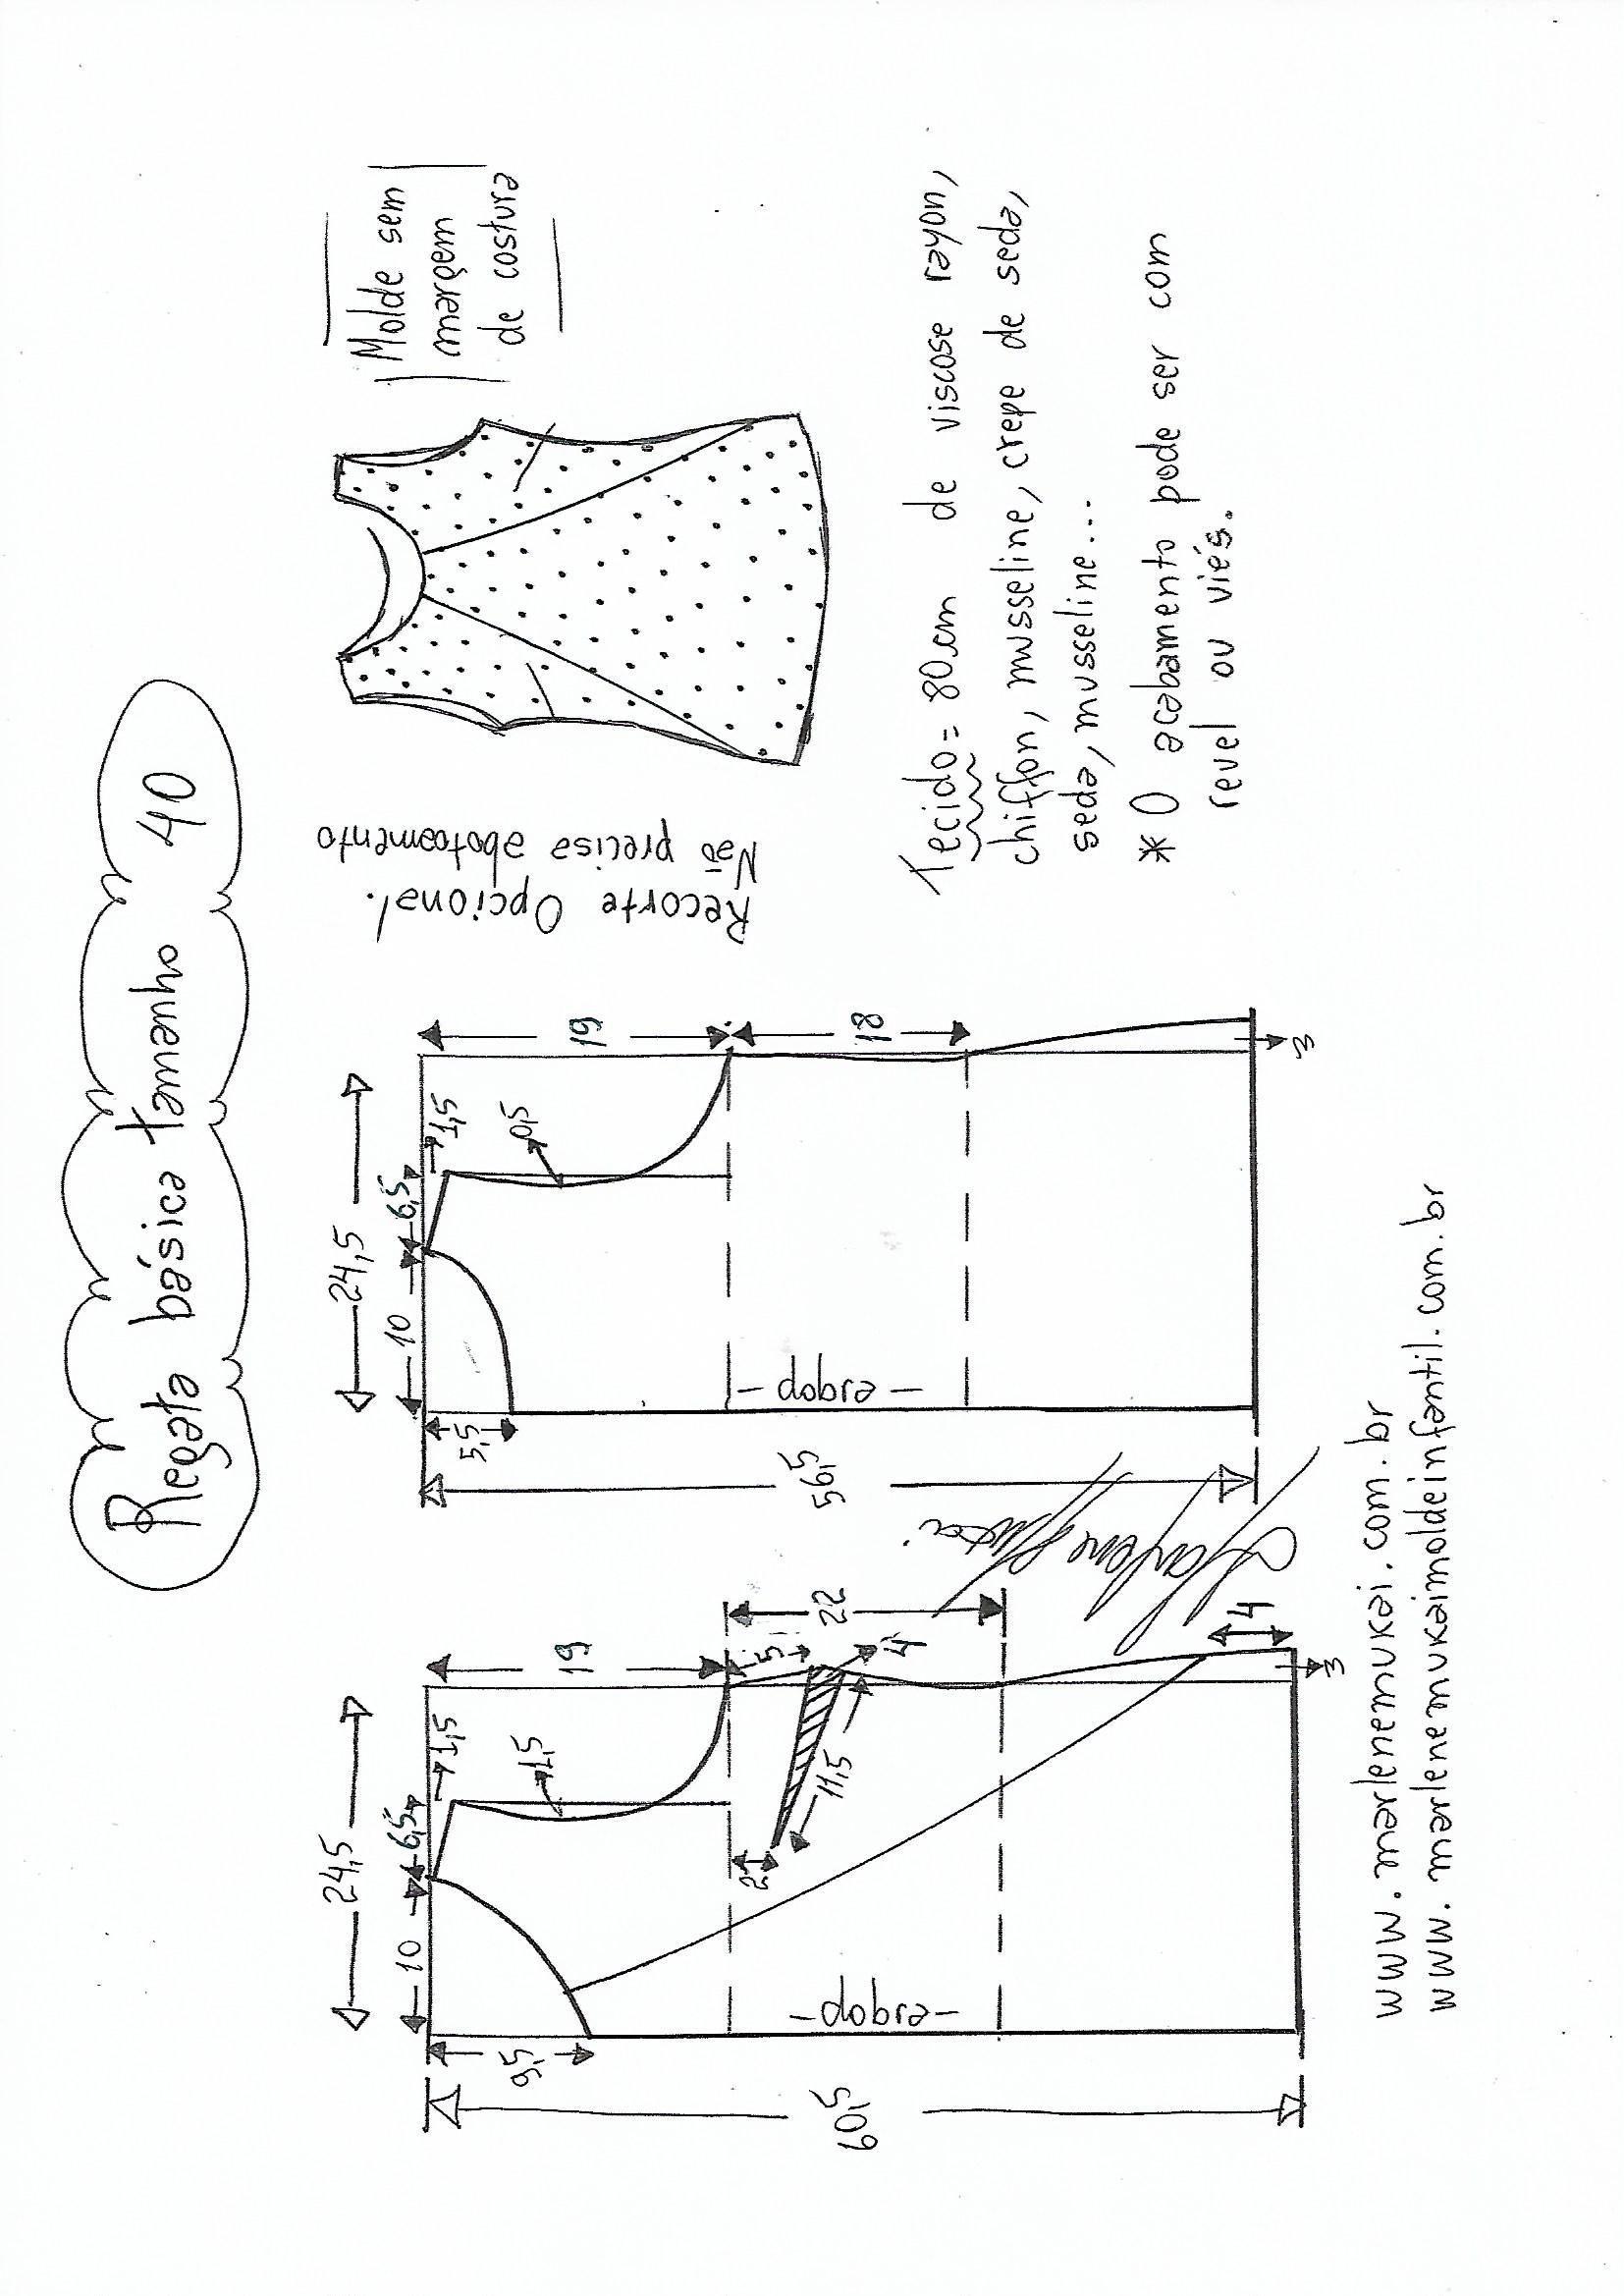 Blusa Regata simples com recorte | Patrones, Costura y Adornos de ...